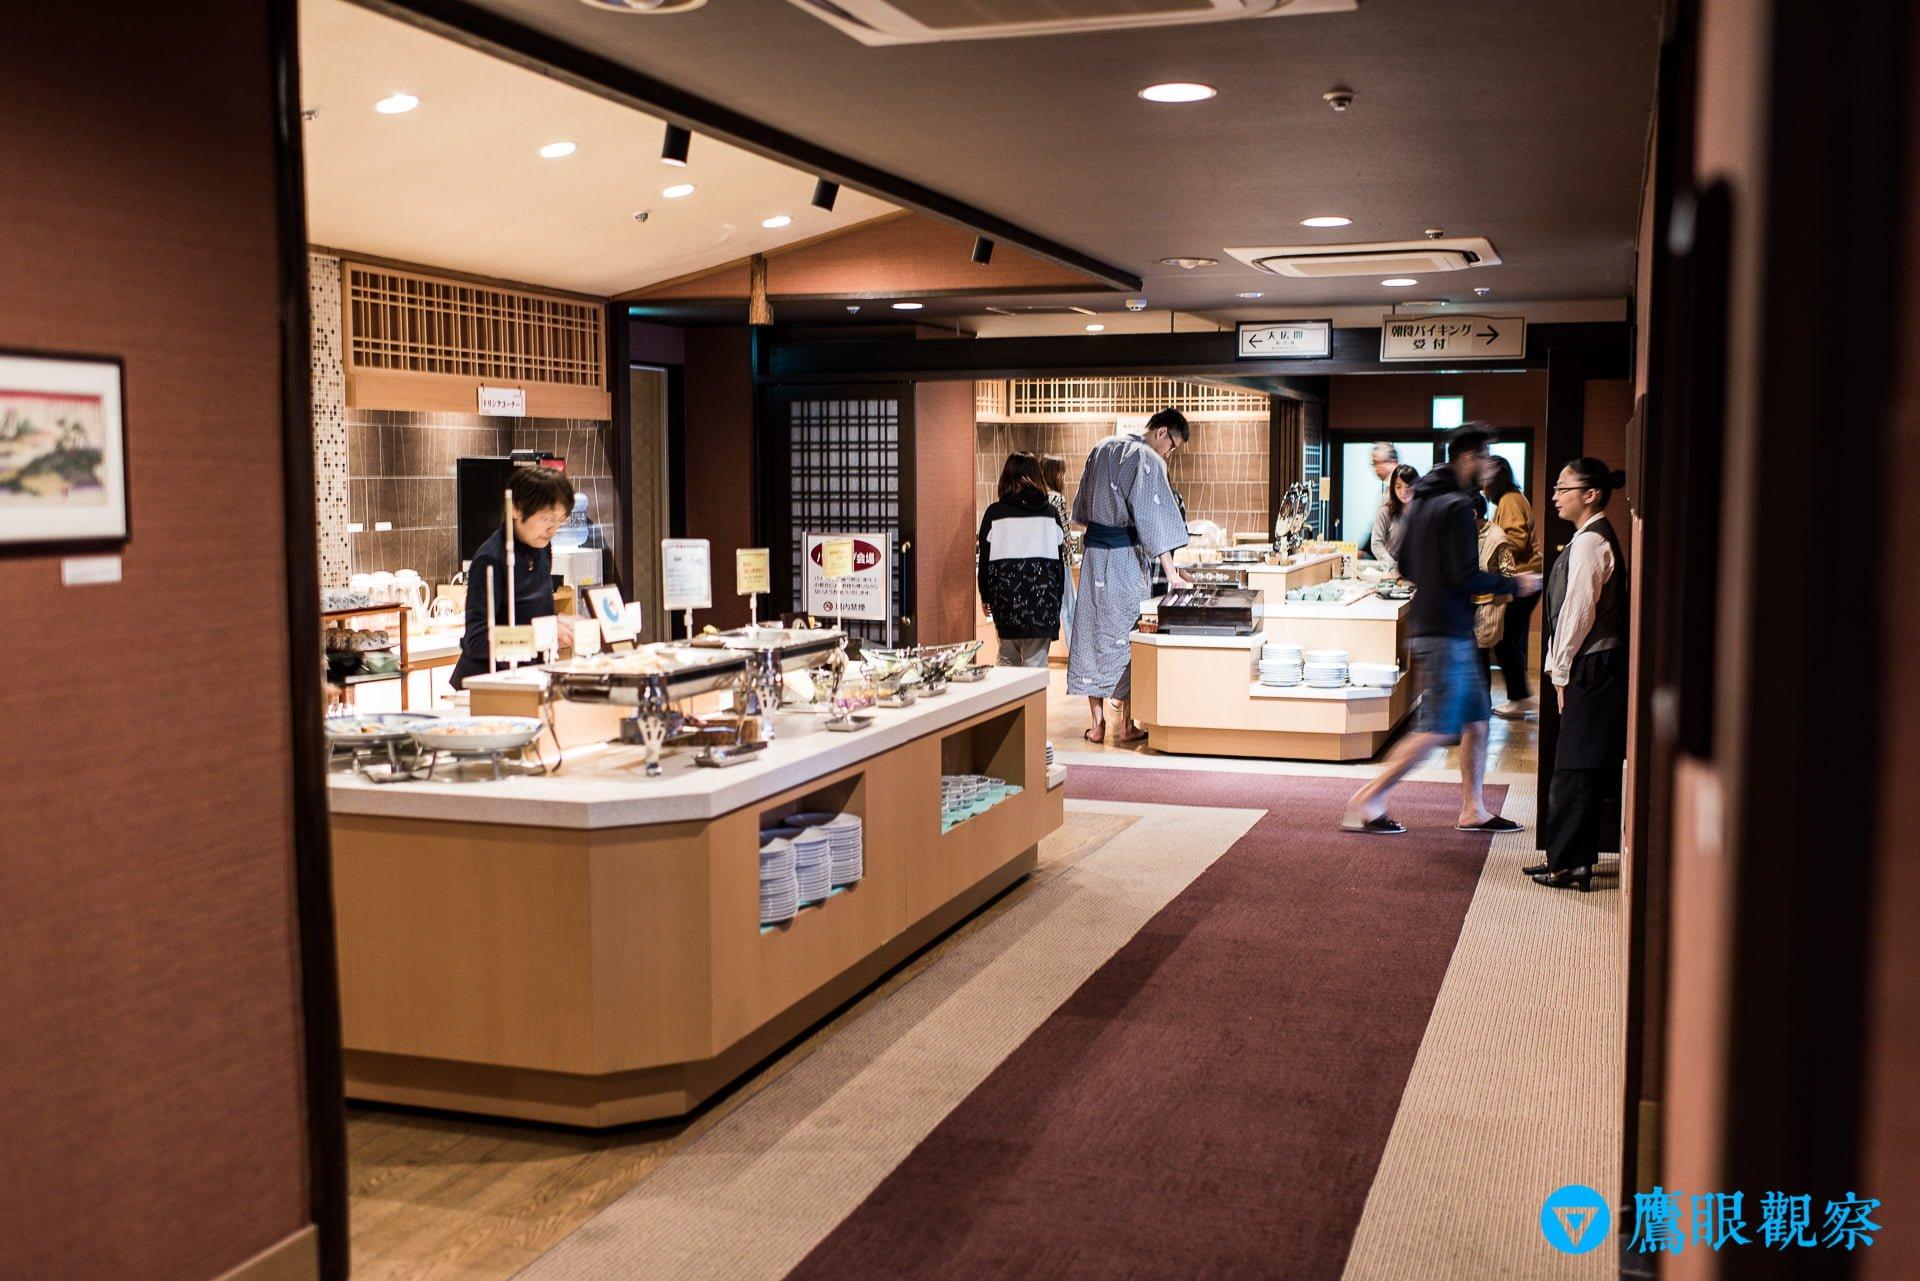 travel Japan gunma kishigon ryokan hotel in izumo spa hot spring 67 群馬縣伊香保溫泉「岸權旅館」日本旅館住宿推薦